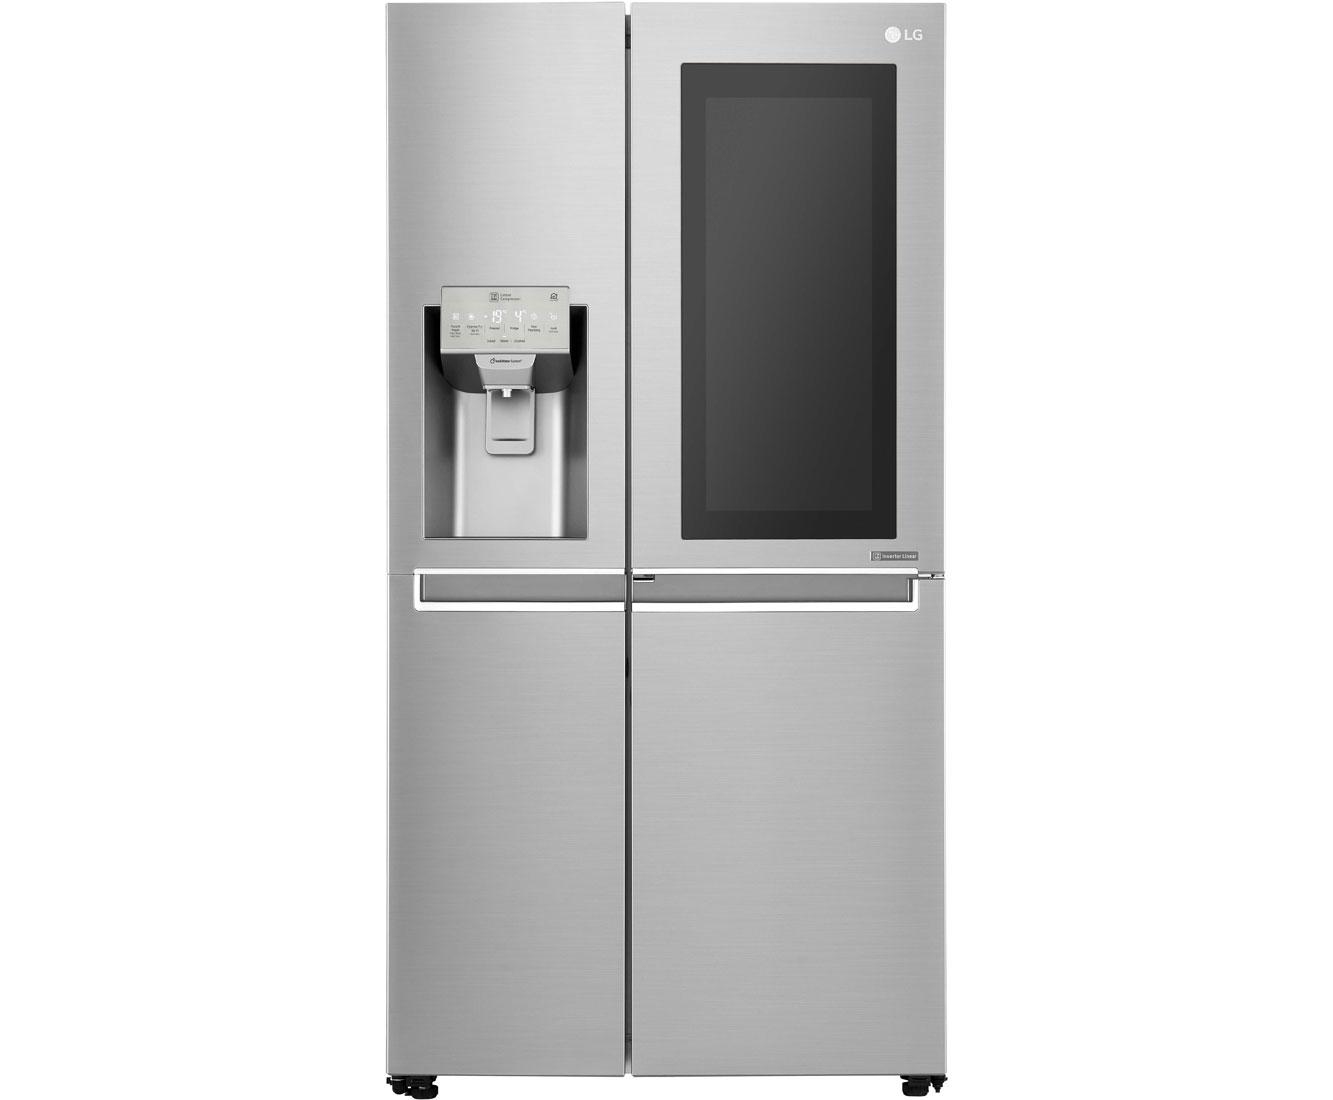 Gorenje Kühlschrank Macht Komische Geräusche : Hotpoint kühlschrank preisvergleich u die besten angebote online